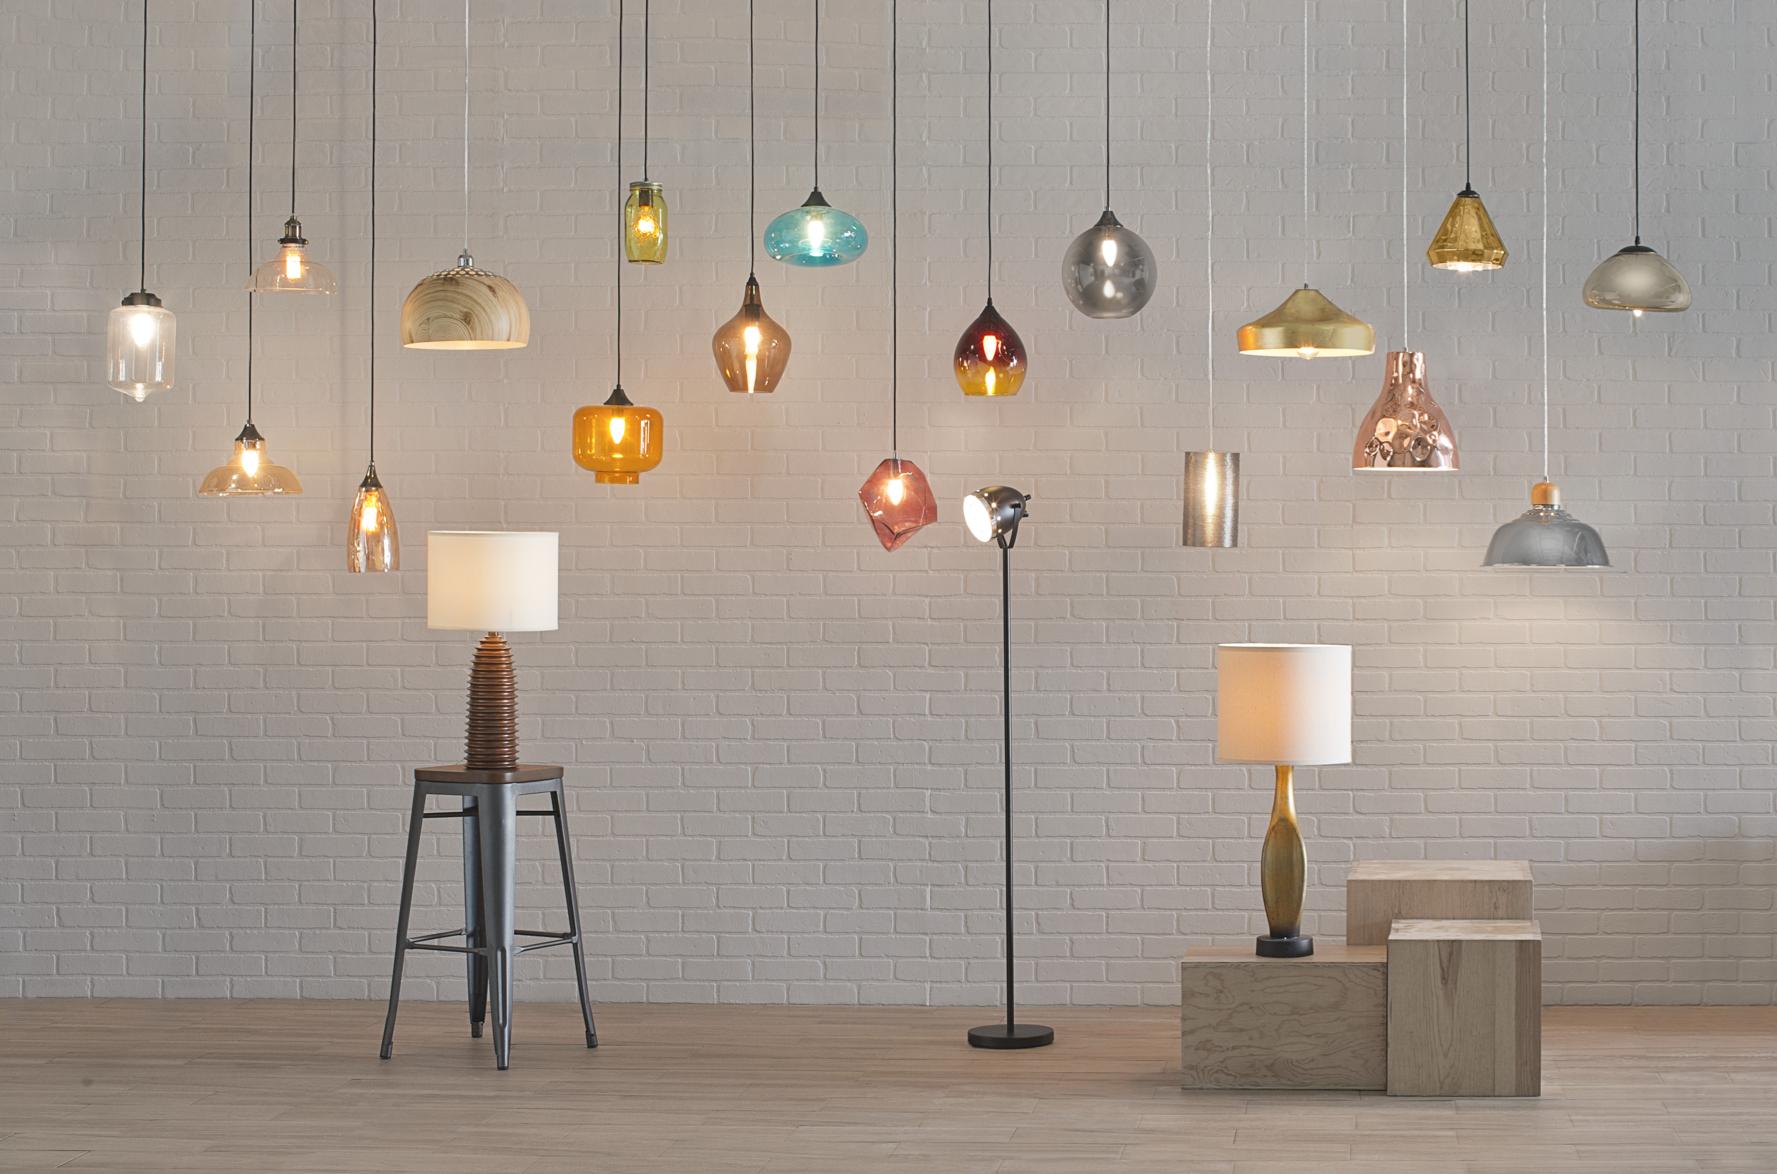 Dale a tu hogar esa luz que necesita con nuestra variedad de colgantes y lámparas